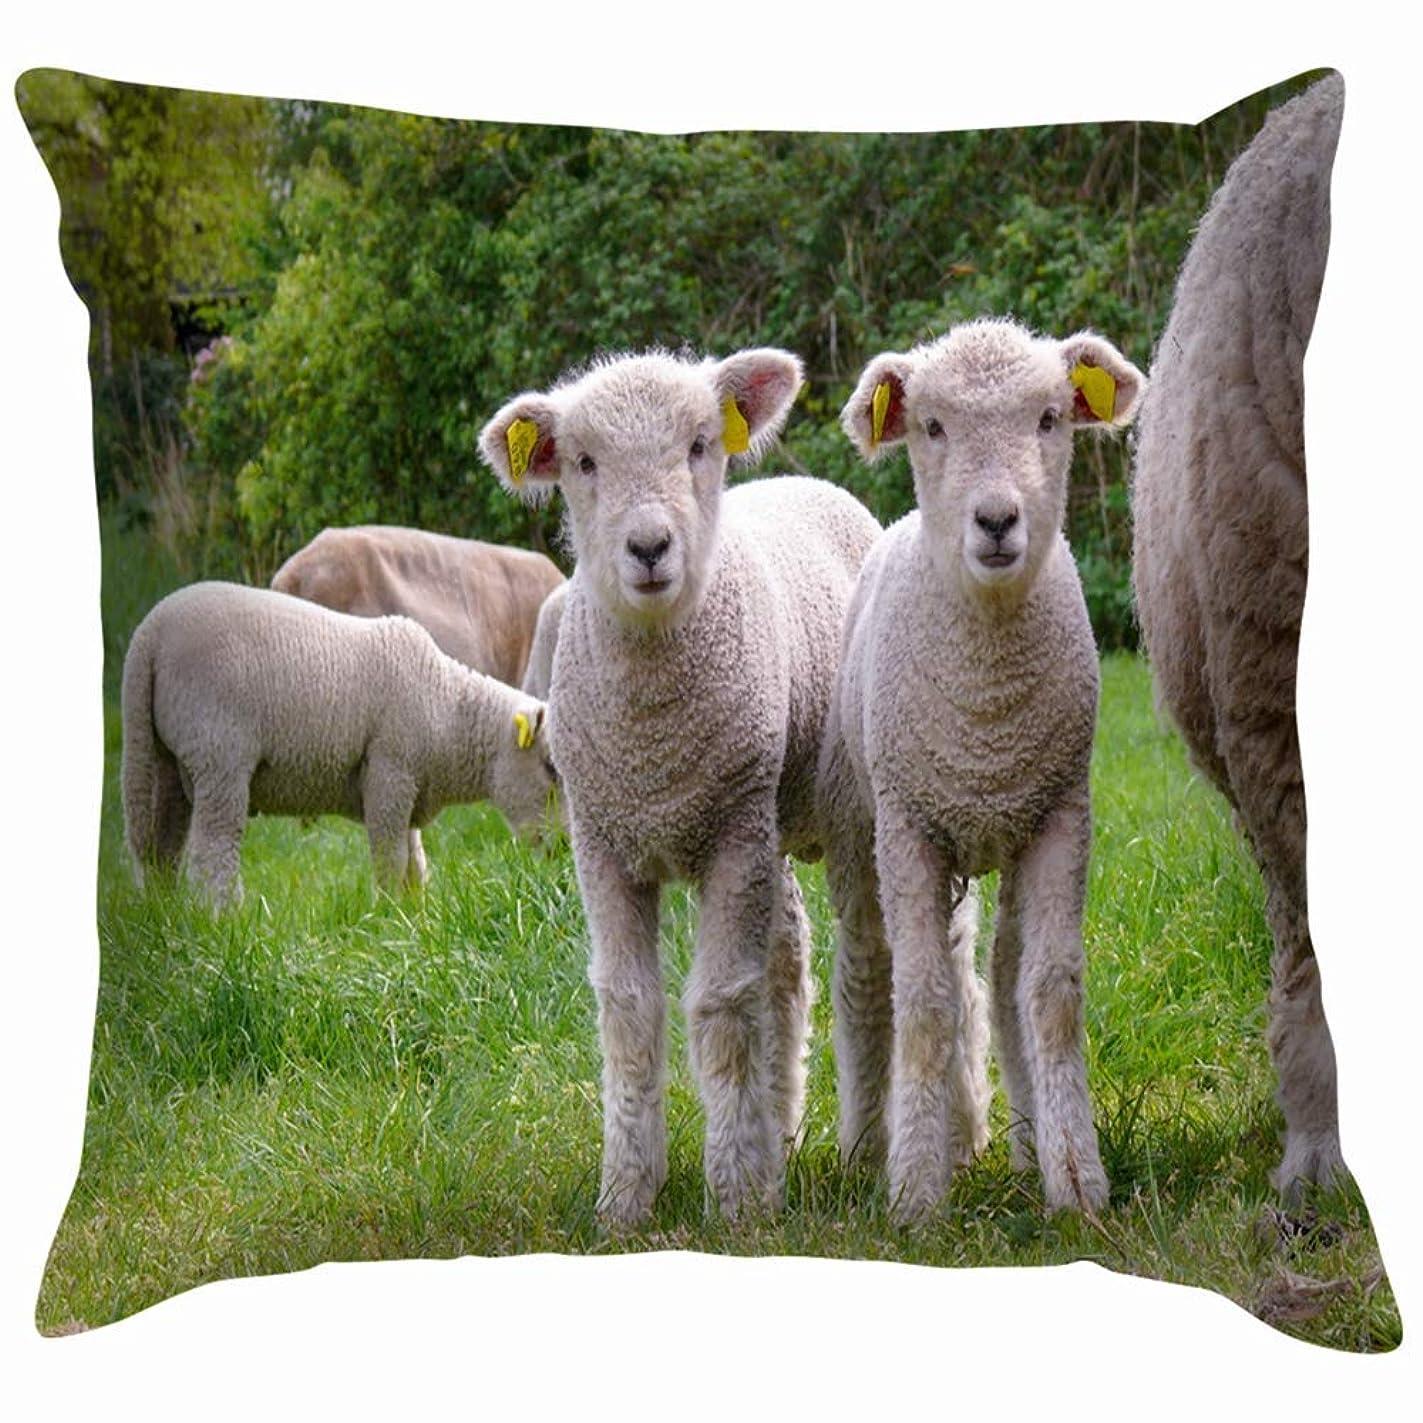 追記真実不規則な2匹のかわいい子羊が隣に立っています動物野生動物羊公園屋外投げ枕カバーホームソファクッションカバー枕カバーギフト45x45 cm